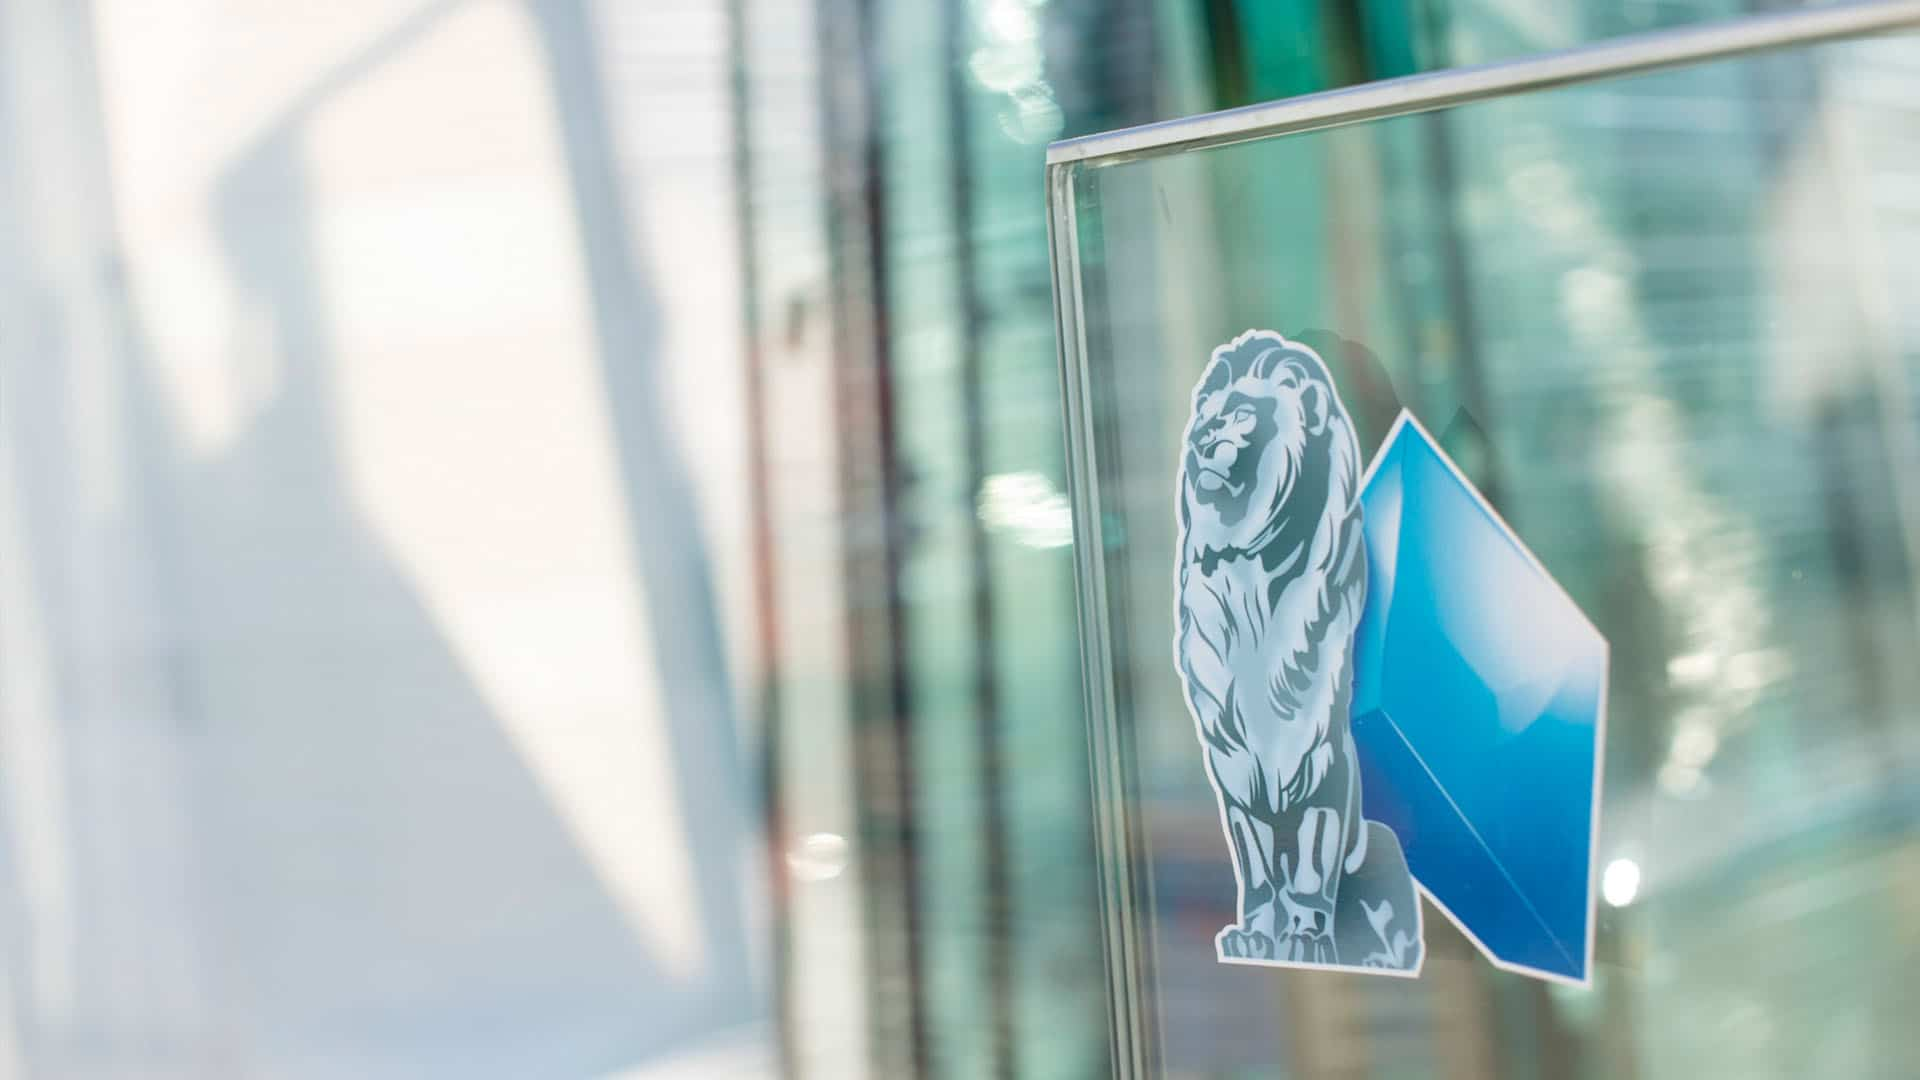 Fenster kaputt wer zahlt den Glasschaden Glasversicherung Glaserei München Landshut Bayernglas Kopie